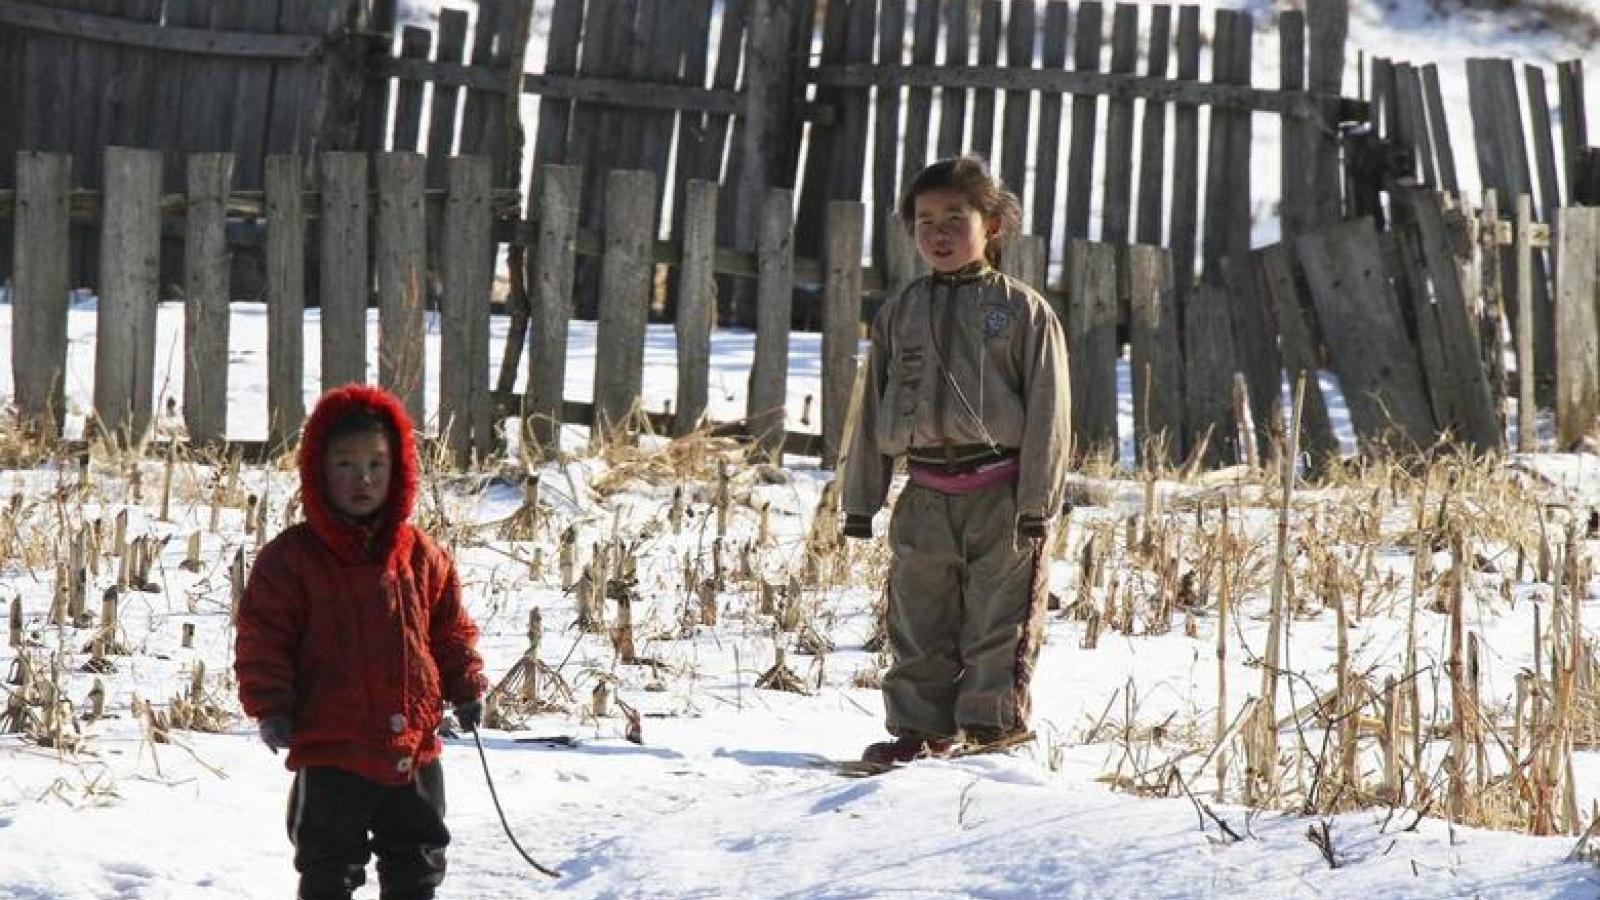 Gần 1/5 trẻ em Triều Tiên dưới 5 tuổi bị suy dinh dưỡng